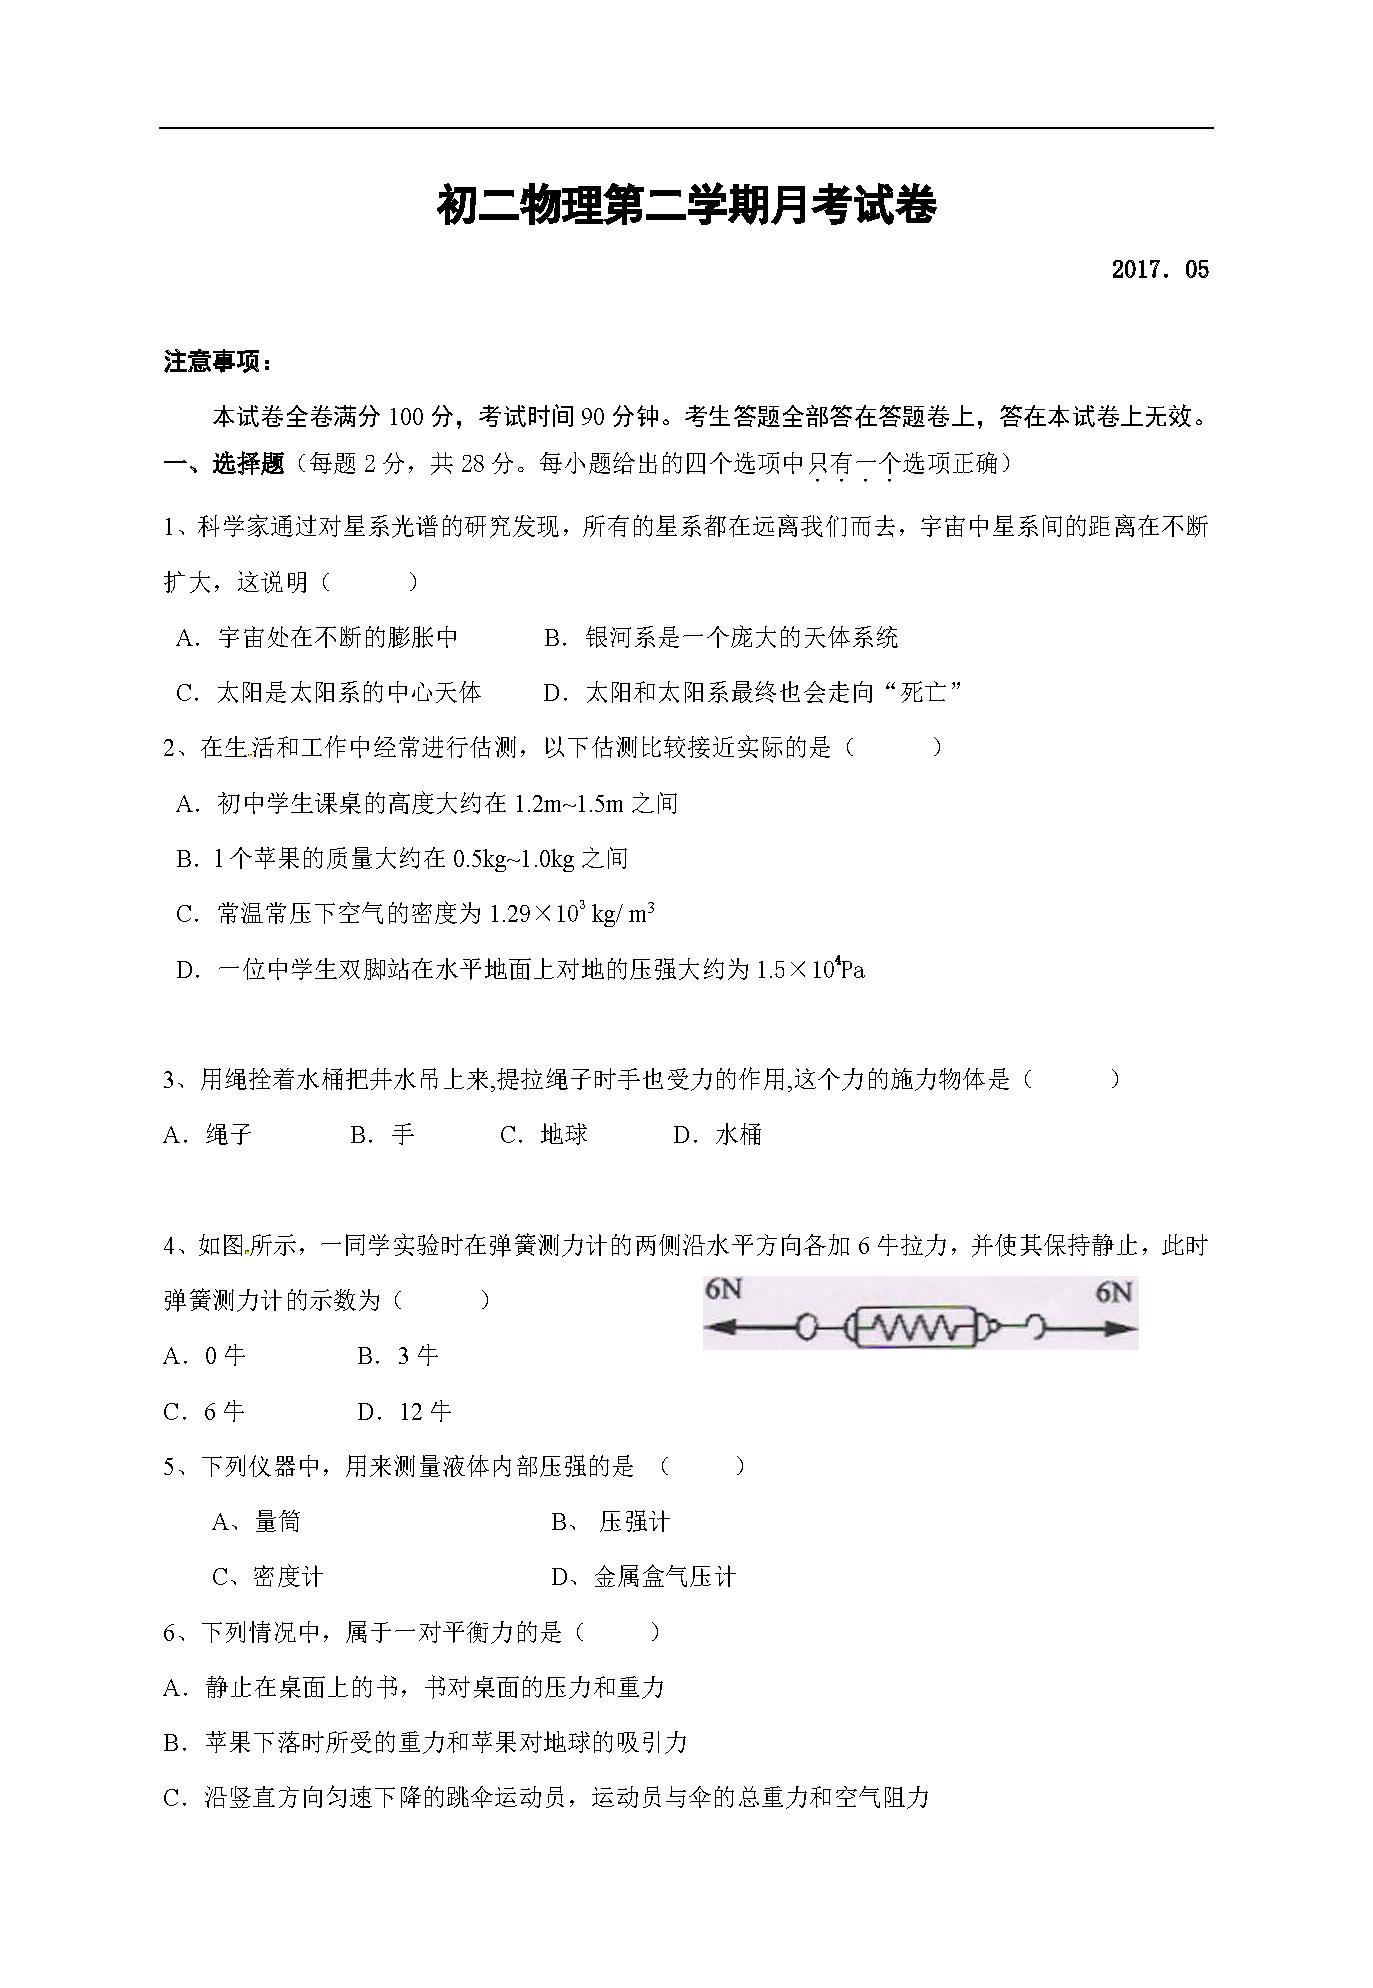 2017江苏无锡查桥中学八年级5月月考物理试题(Word版)